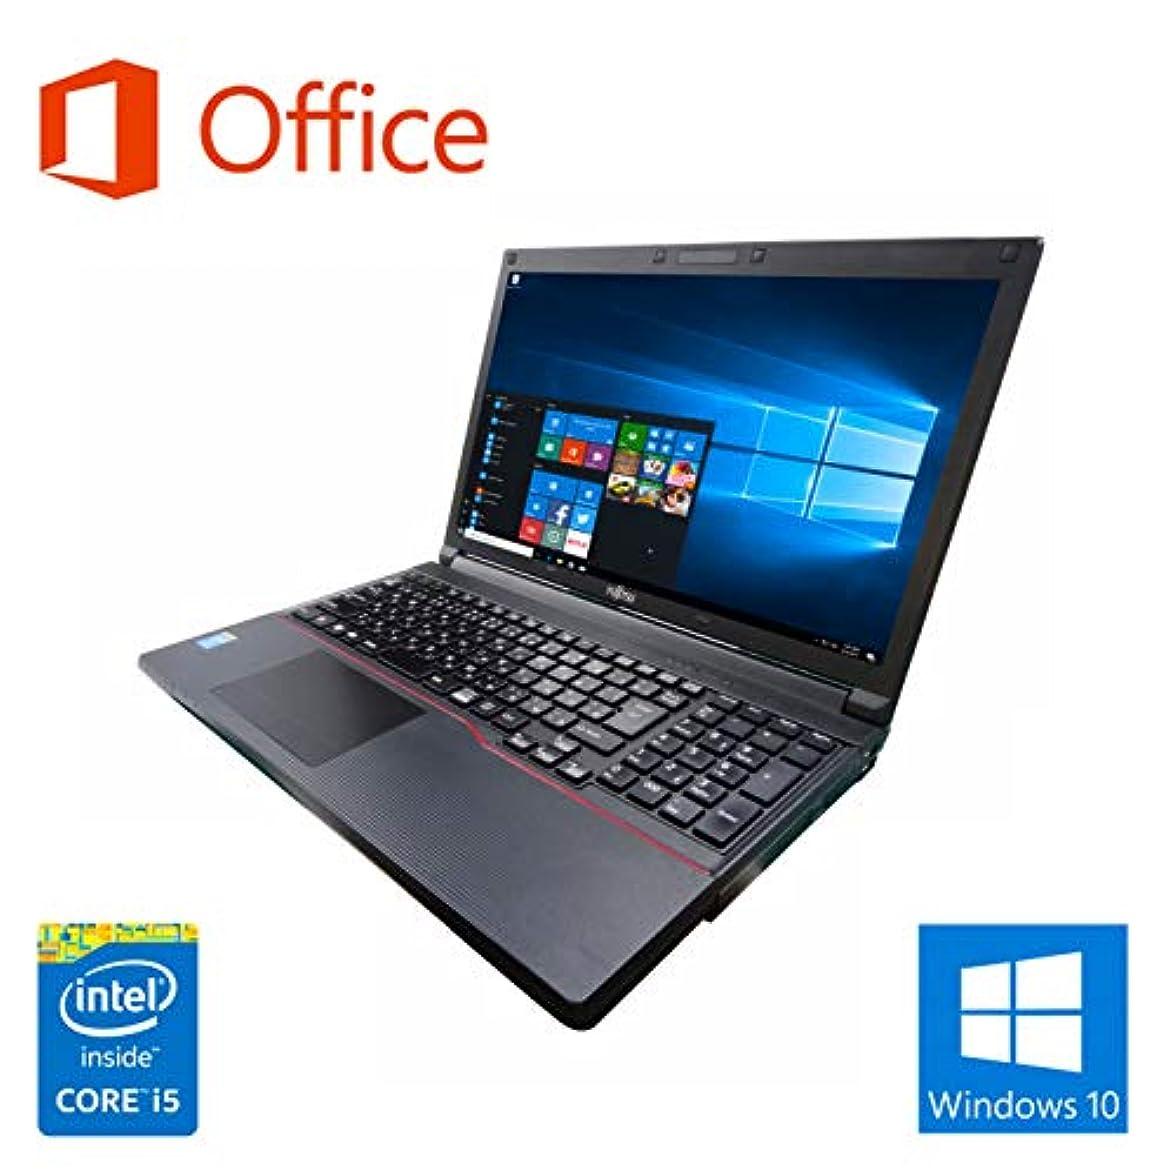 風が強いファーザーファージュ学校【Microsoft Office2016搭載】【Win 10搭載】富士通 A574/第四世代Core i5-4300M 2.6GHz/新品メモリ:16GB/新品SSD:480GB/DVDスーパマルチ/10キー/HDMI/USB3.0/大画面15.6インチ液晶/無線LAN搭載/中古ノートパソコン/ワジュンPC評価1万件超え祭り (新品SSD:480GB)